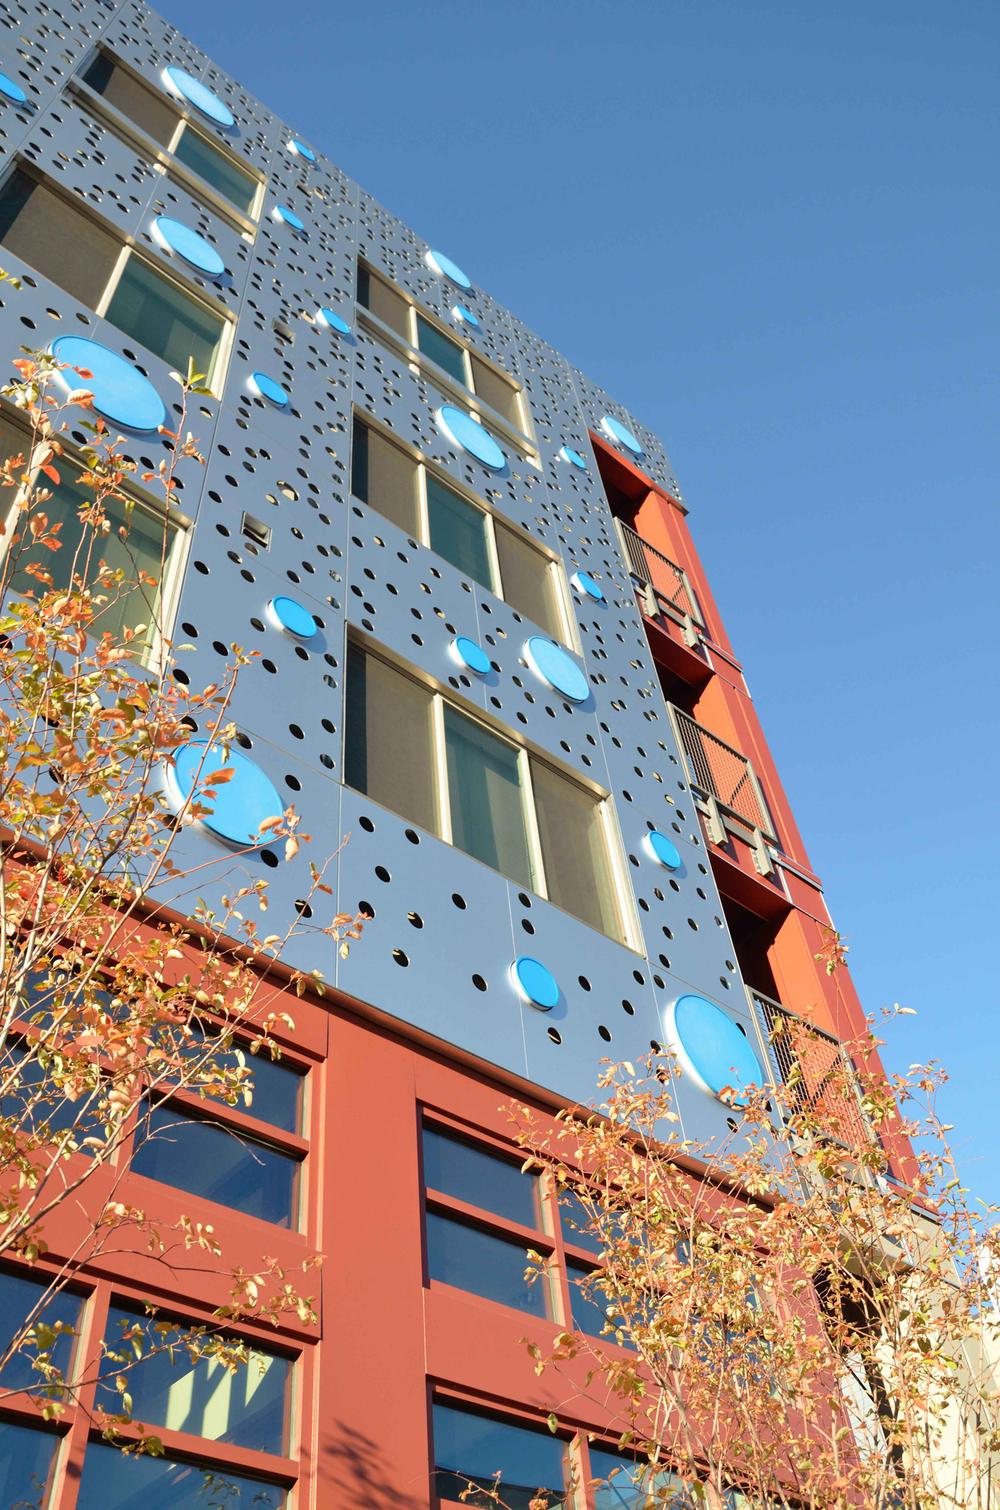 5b facade_1500.jpg